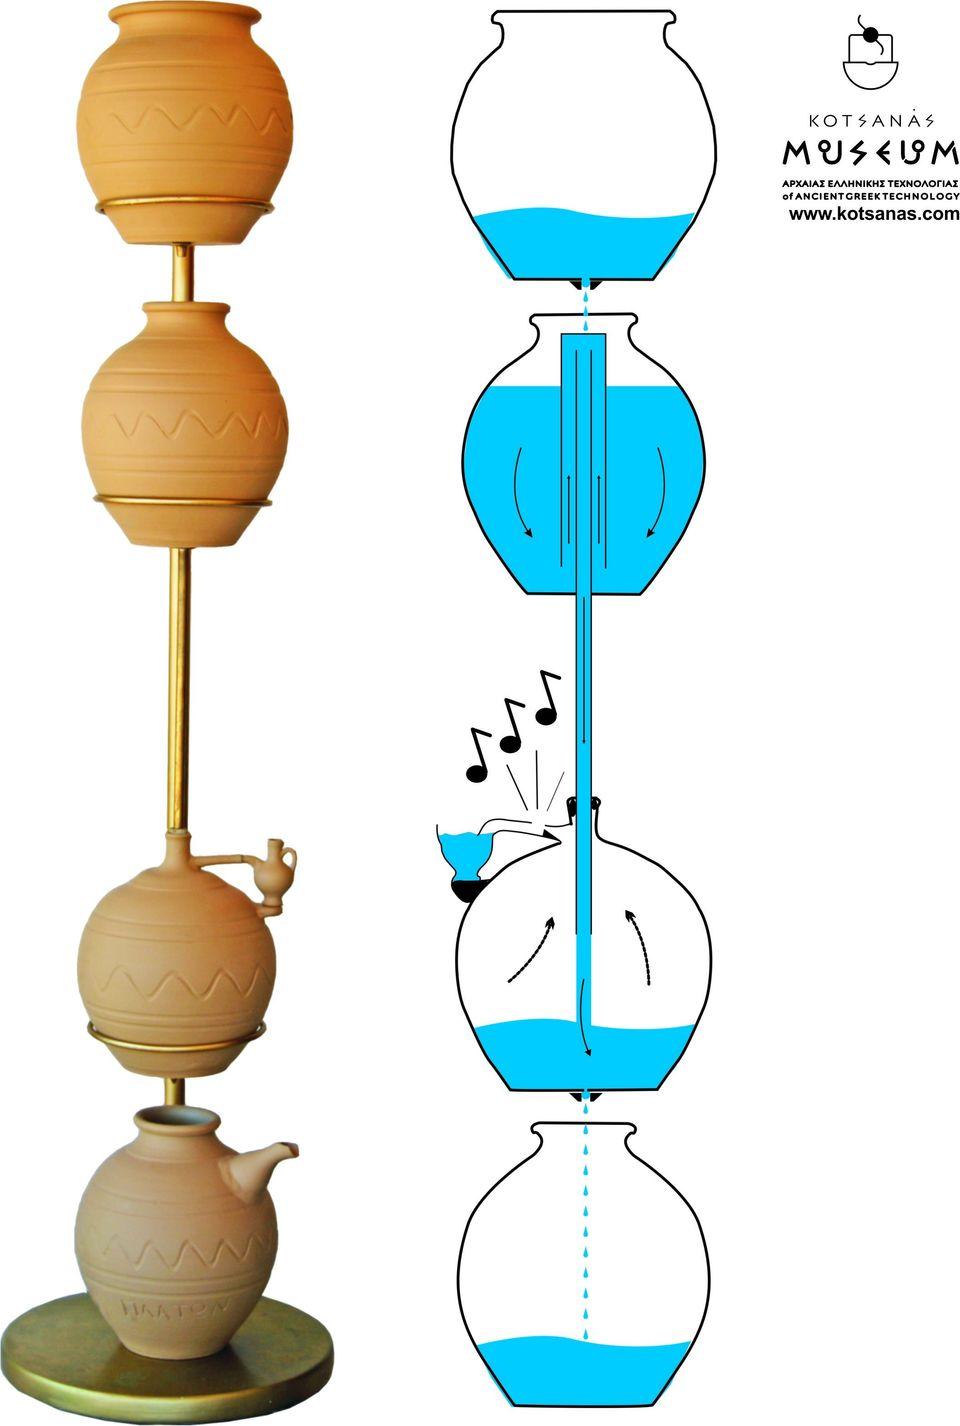 Το ρολόι - ξυπνητήρι του Πλάτωνος και του Αριστοτέλη. Οι πρώτες συσκευές αφύπνισης